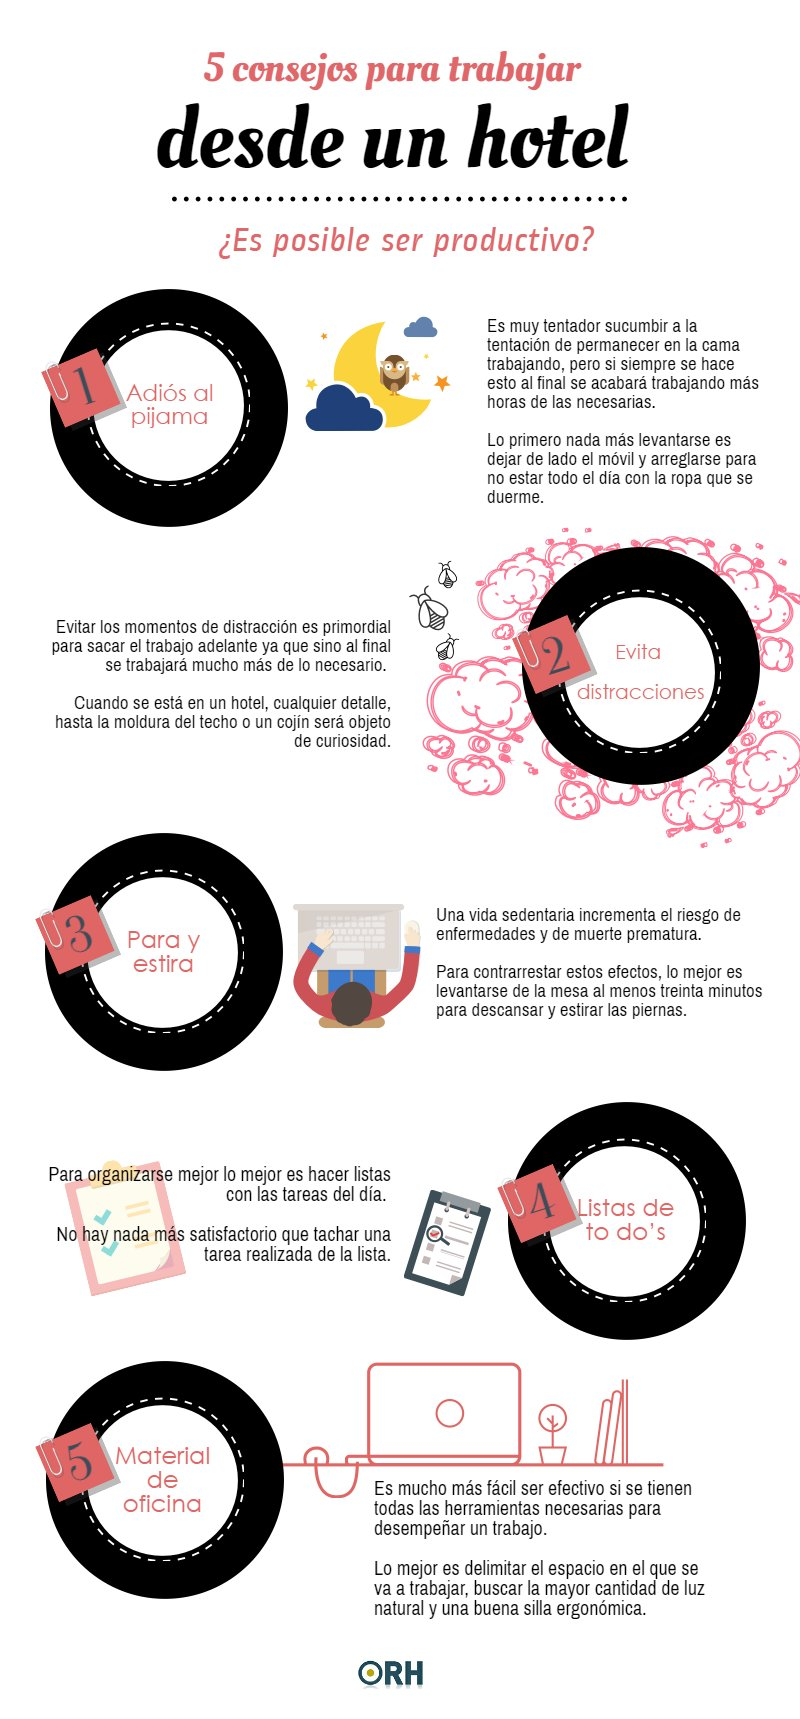 5 consejos para trabajar desde un Hotel #infografia #infographic #rrhh